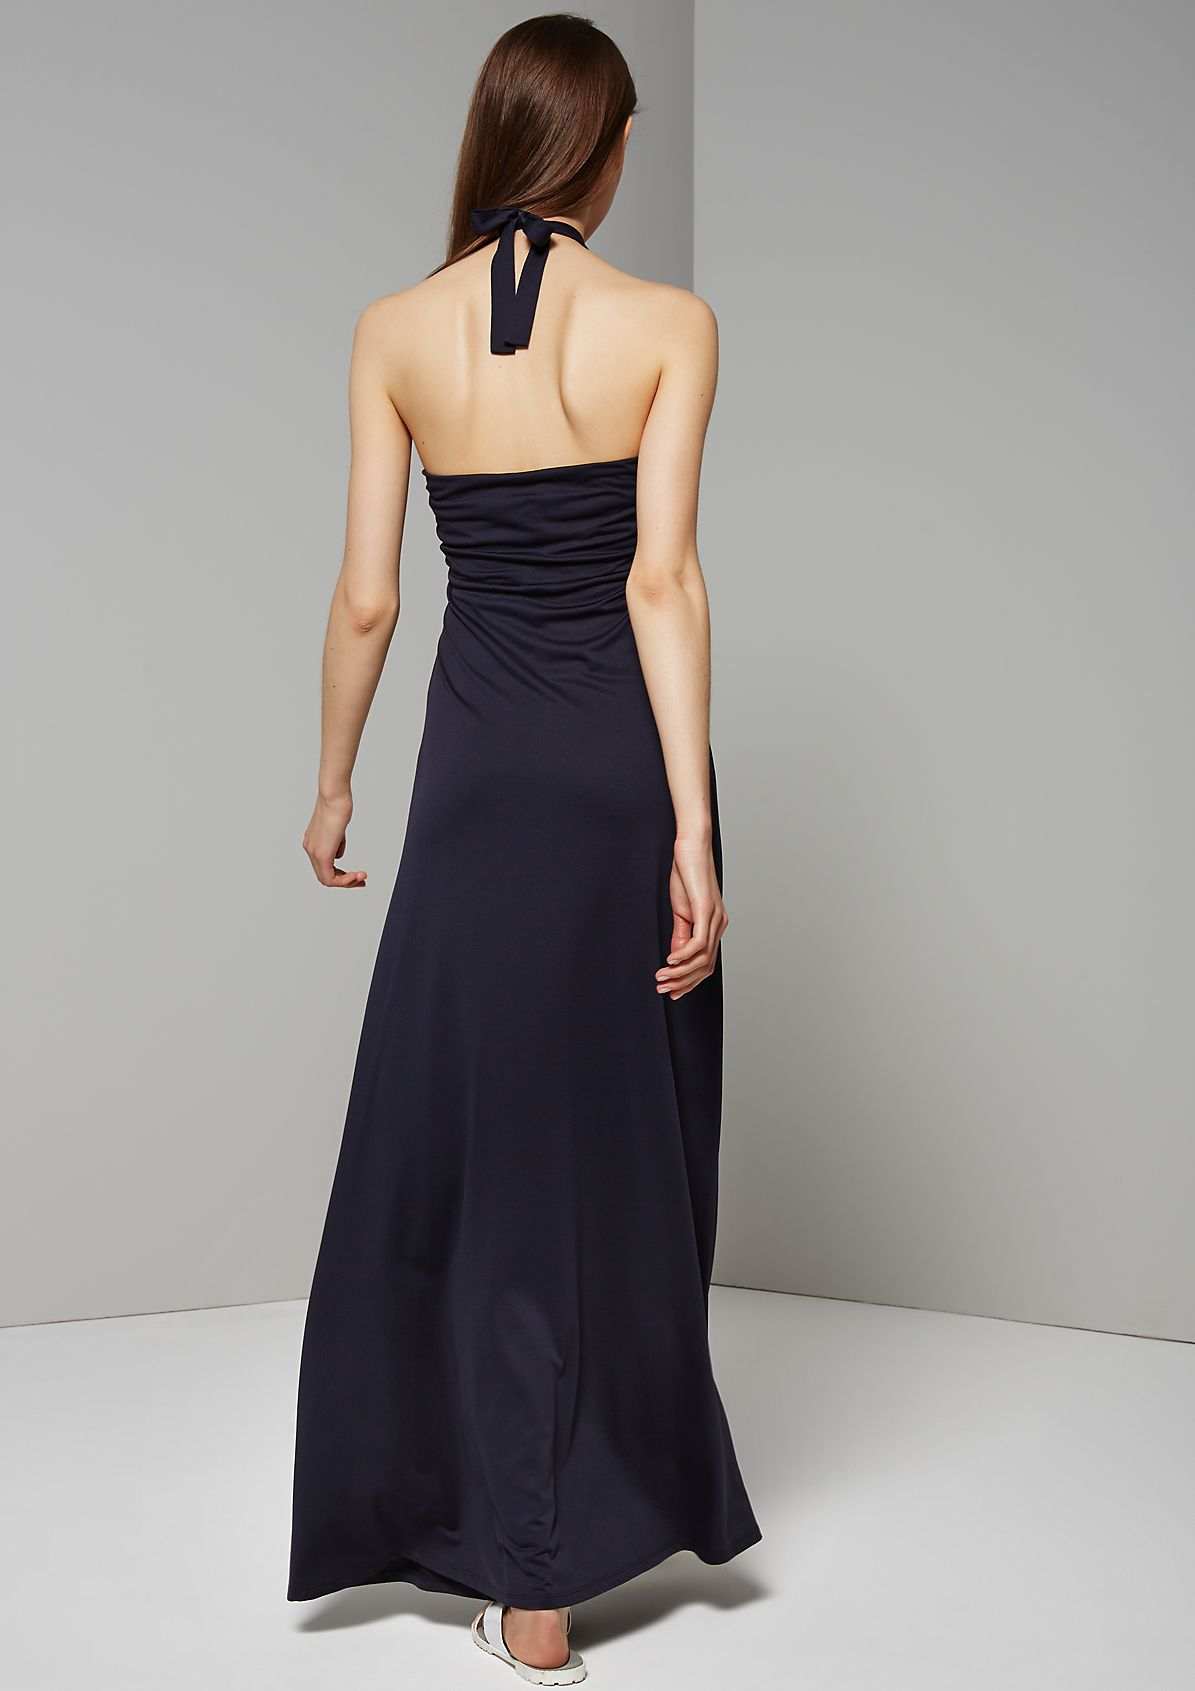 Halterneck summer dress with sophisticated details from s.Oliver